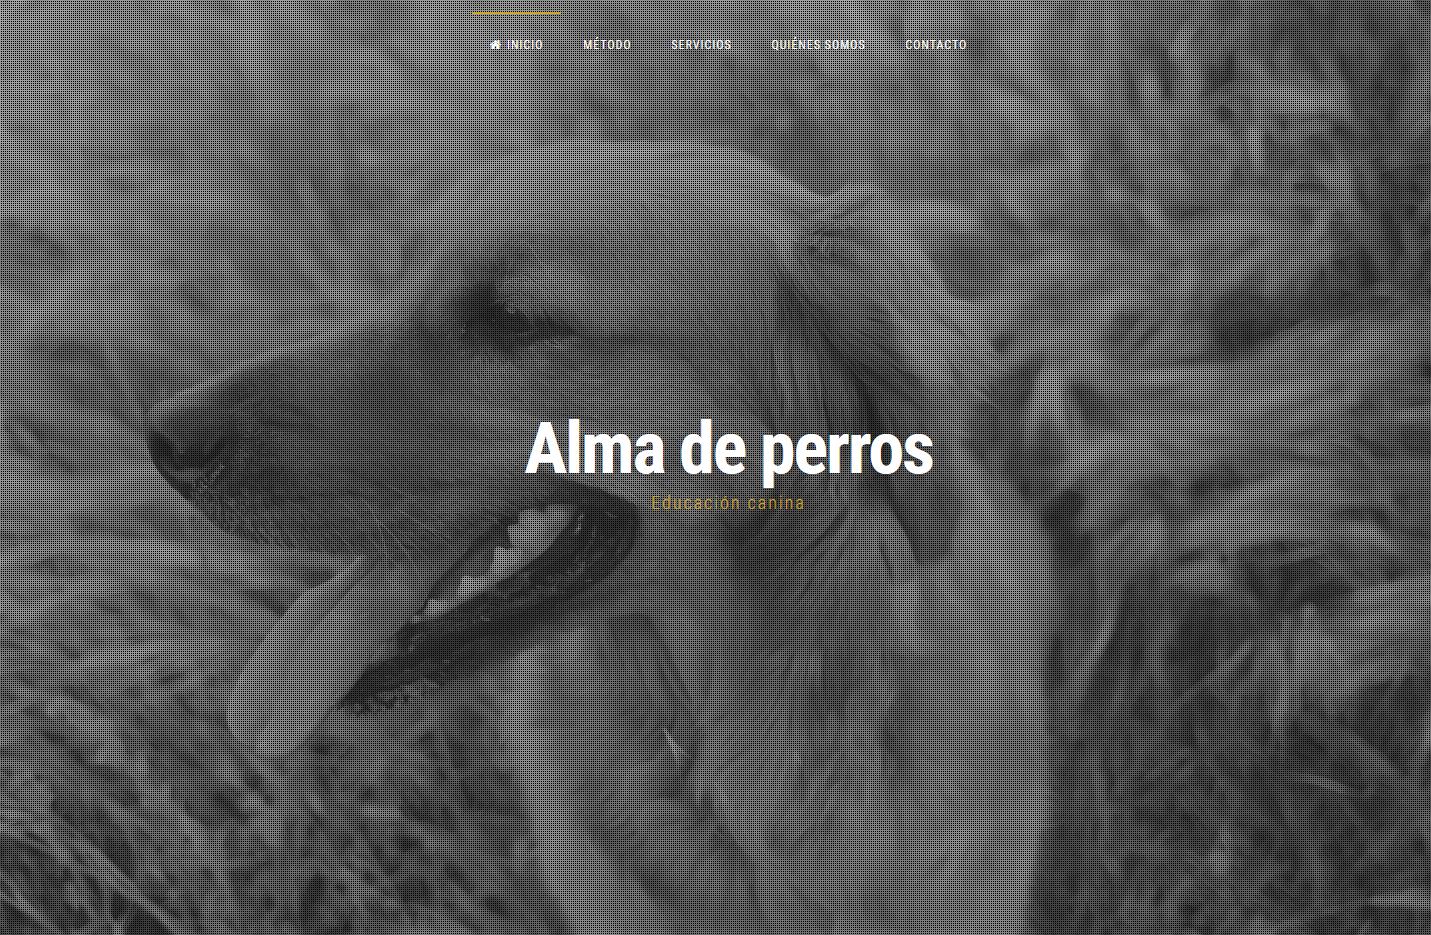 diseño web alma de perros educación canina